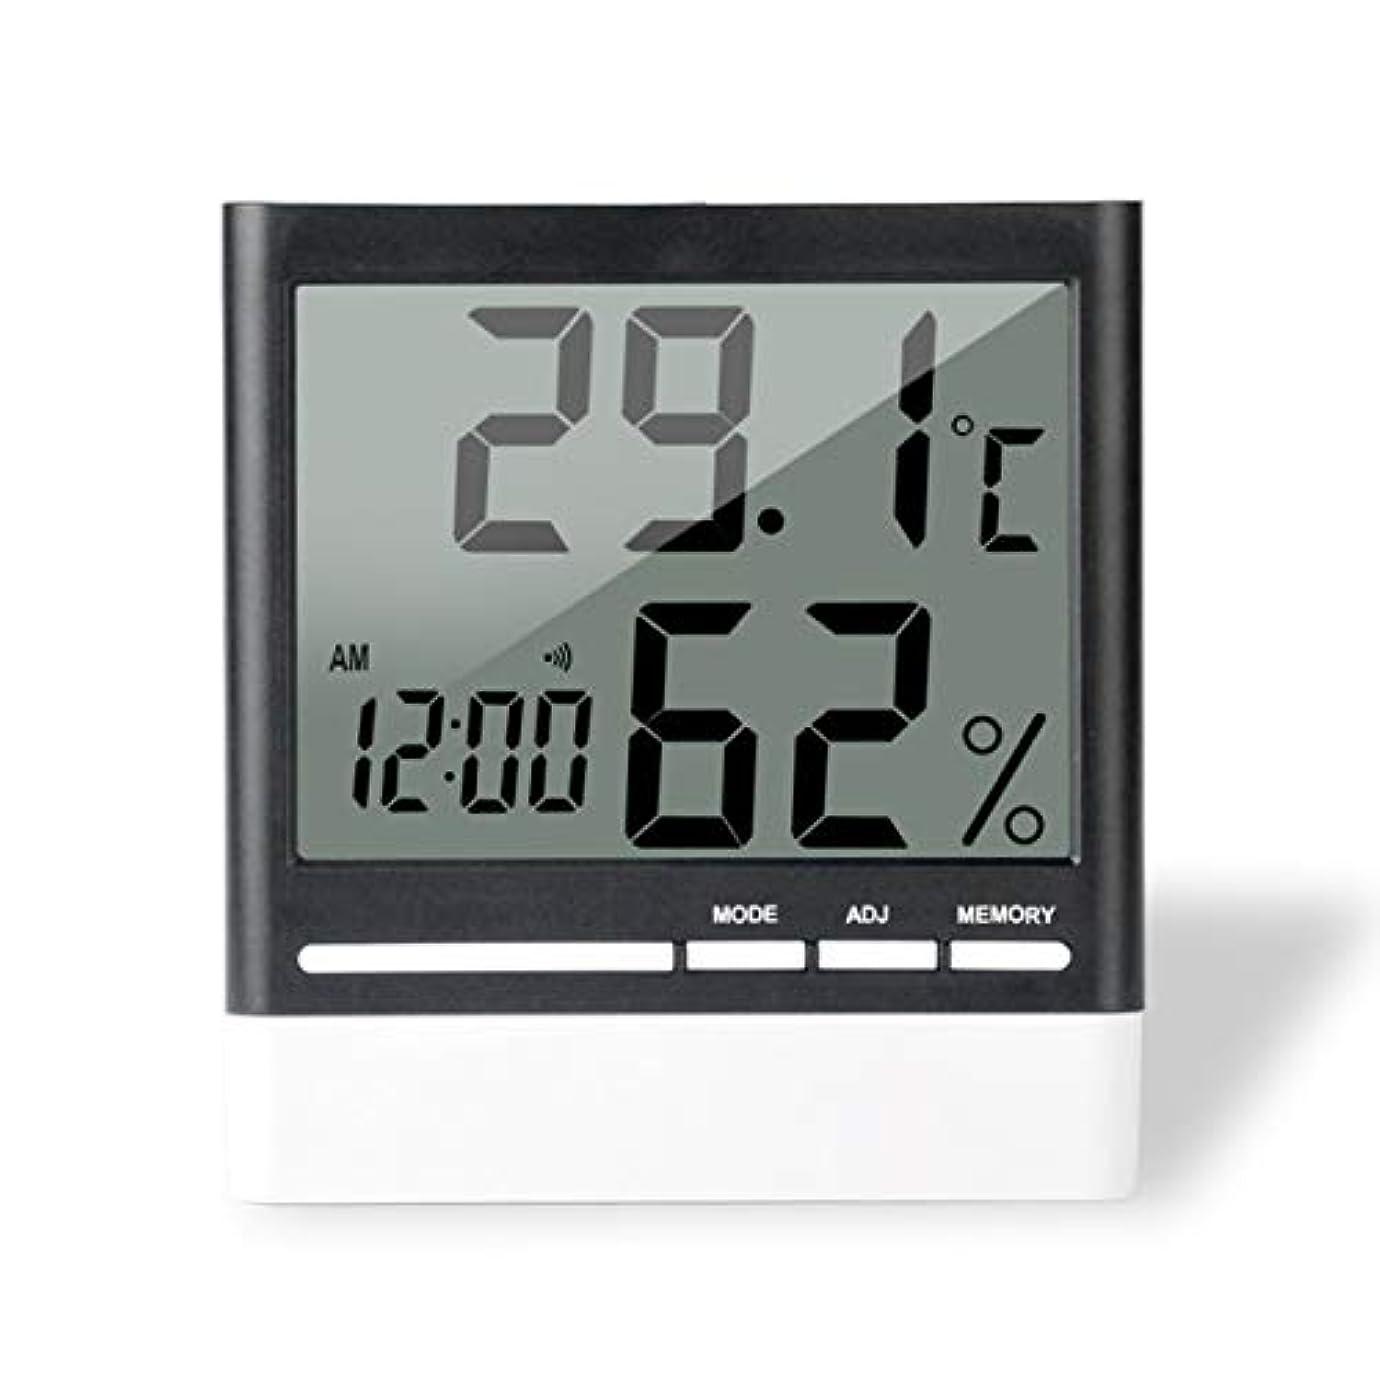 暴露するハーブ関係Saikogoods 電子体温計湿度計 デジタルディスプレイ 温度湿度モニター アラーム時計 屋内家庭用 ブラック